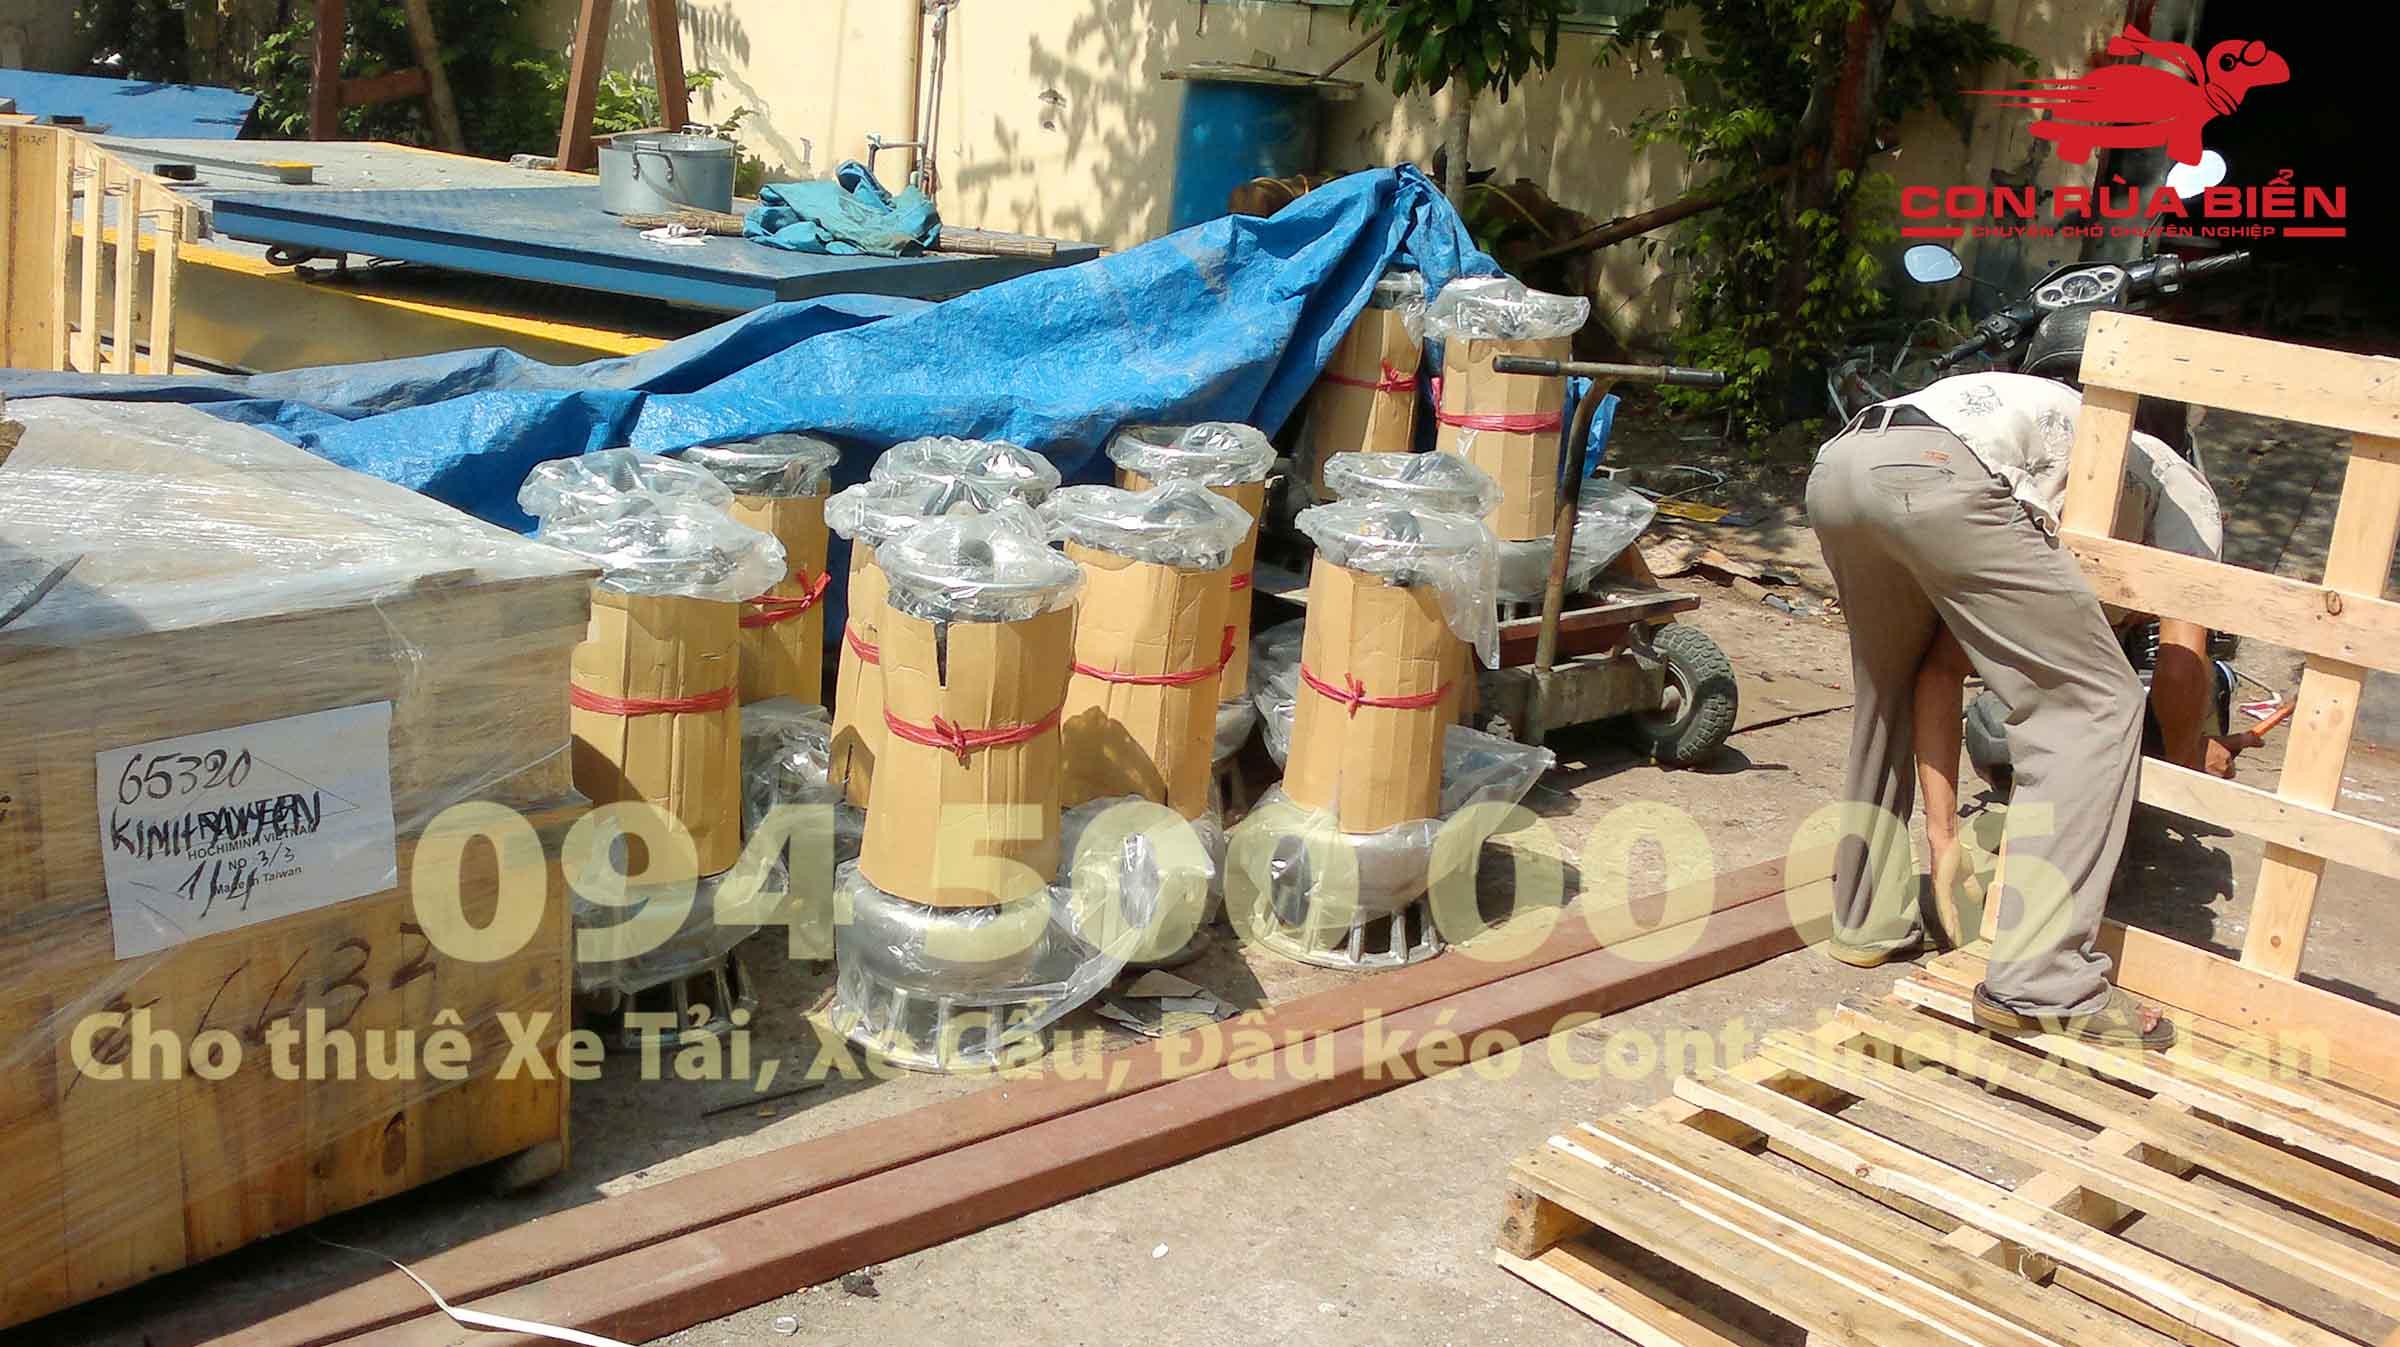 Van chuyen may bom tu HA Noi di Phu Quoc ghep xe tai duong bo 11